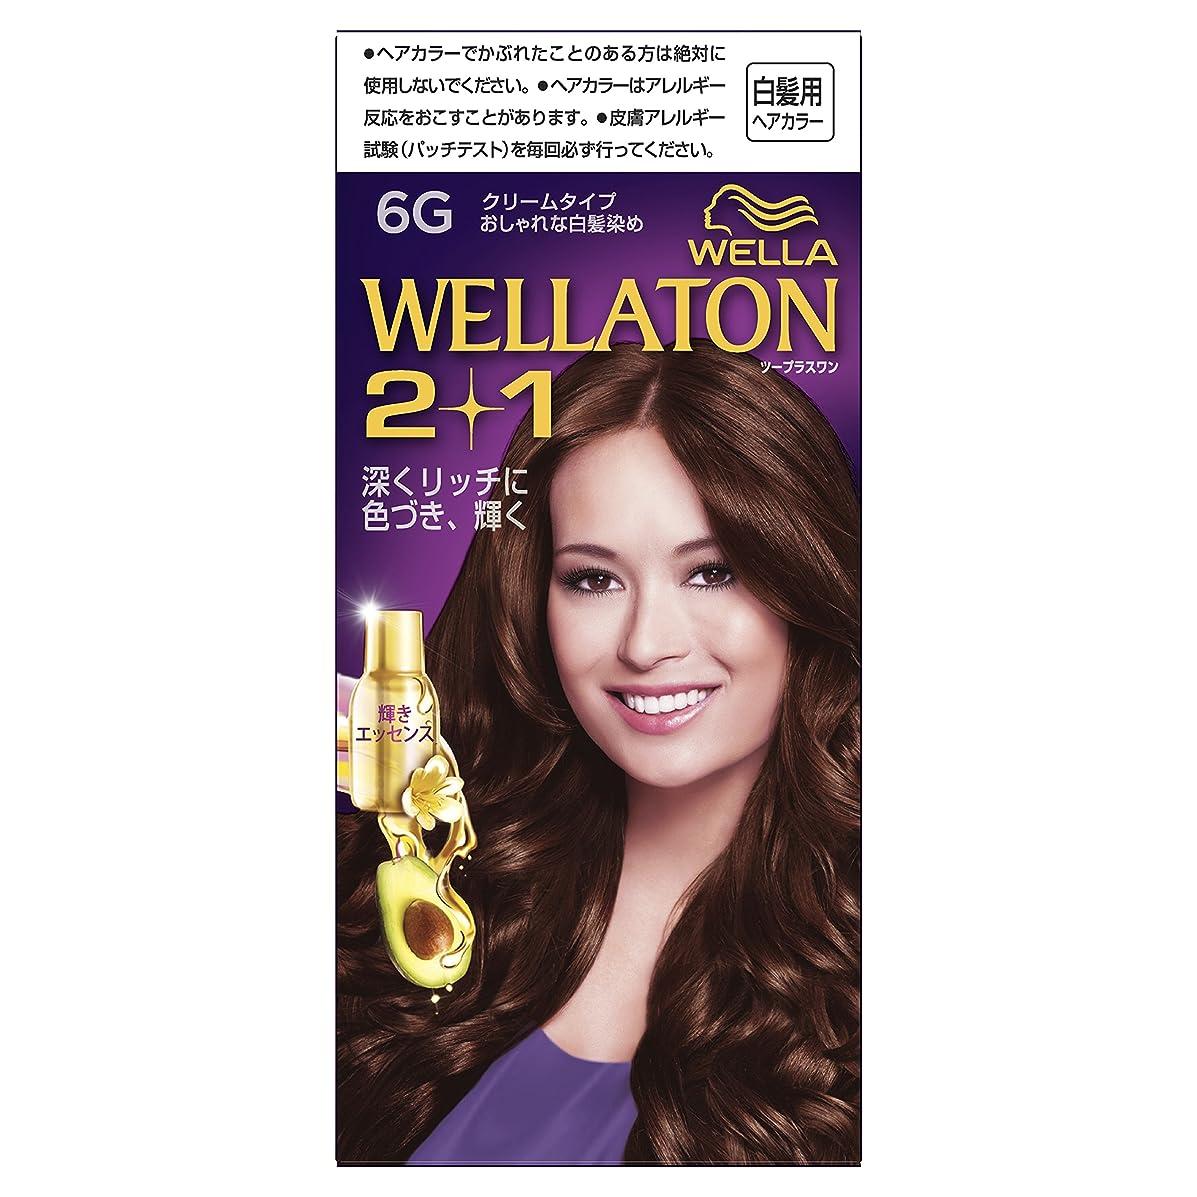 火炎色次へウエラトーン2+1 クリームタイプ 6G [医薬部外品](おしゃれな白髪染め)